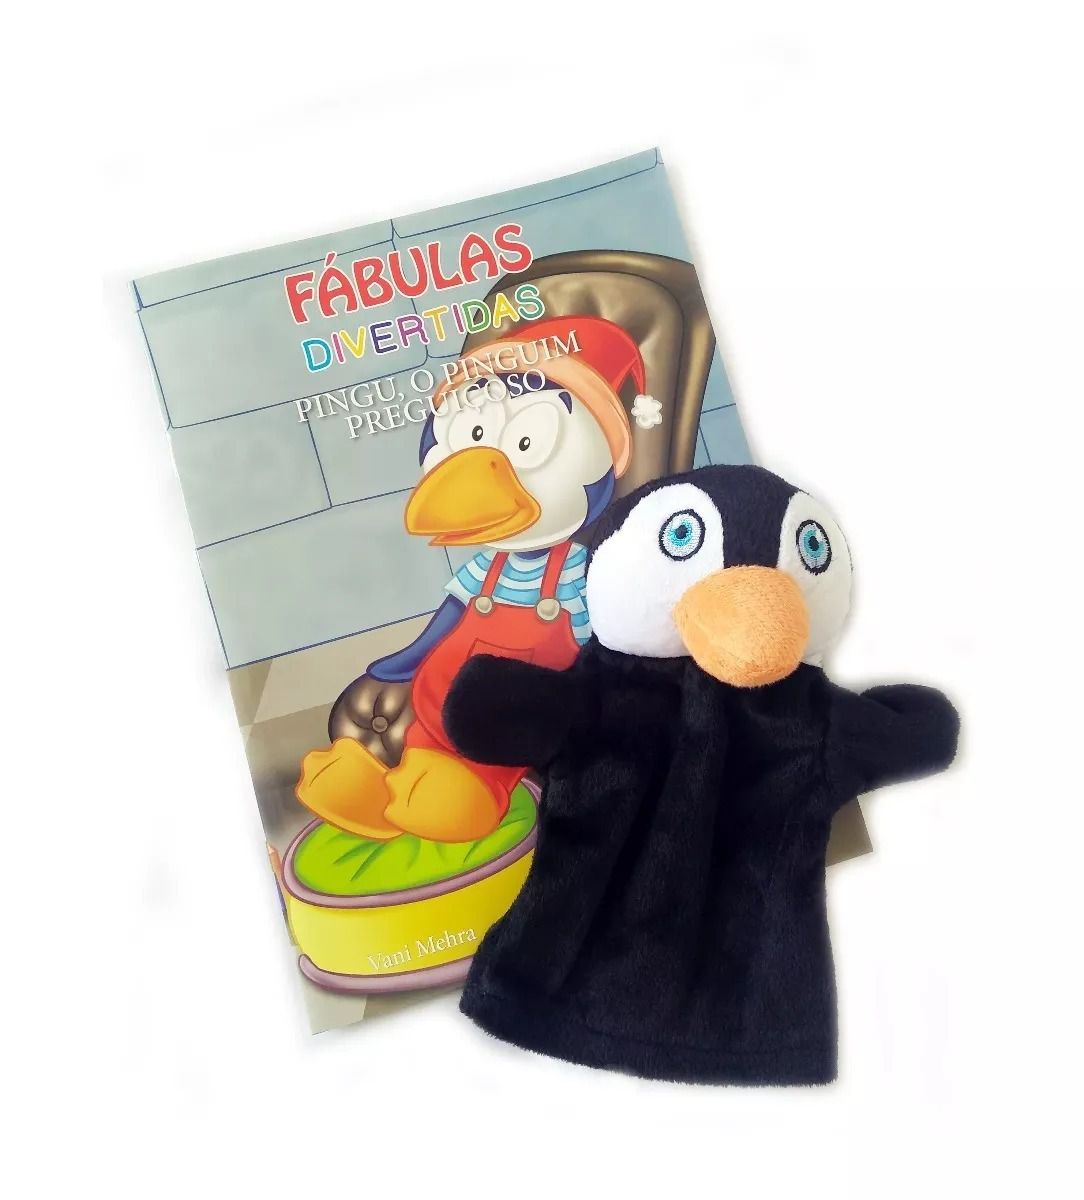 Livro Fantoche - Fábulas Divertidas - Pingu, o Pinguim Preguiçoso  - Gutana Brinquedos